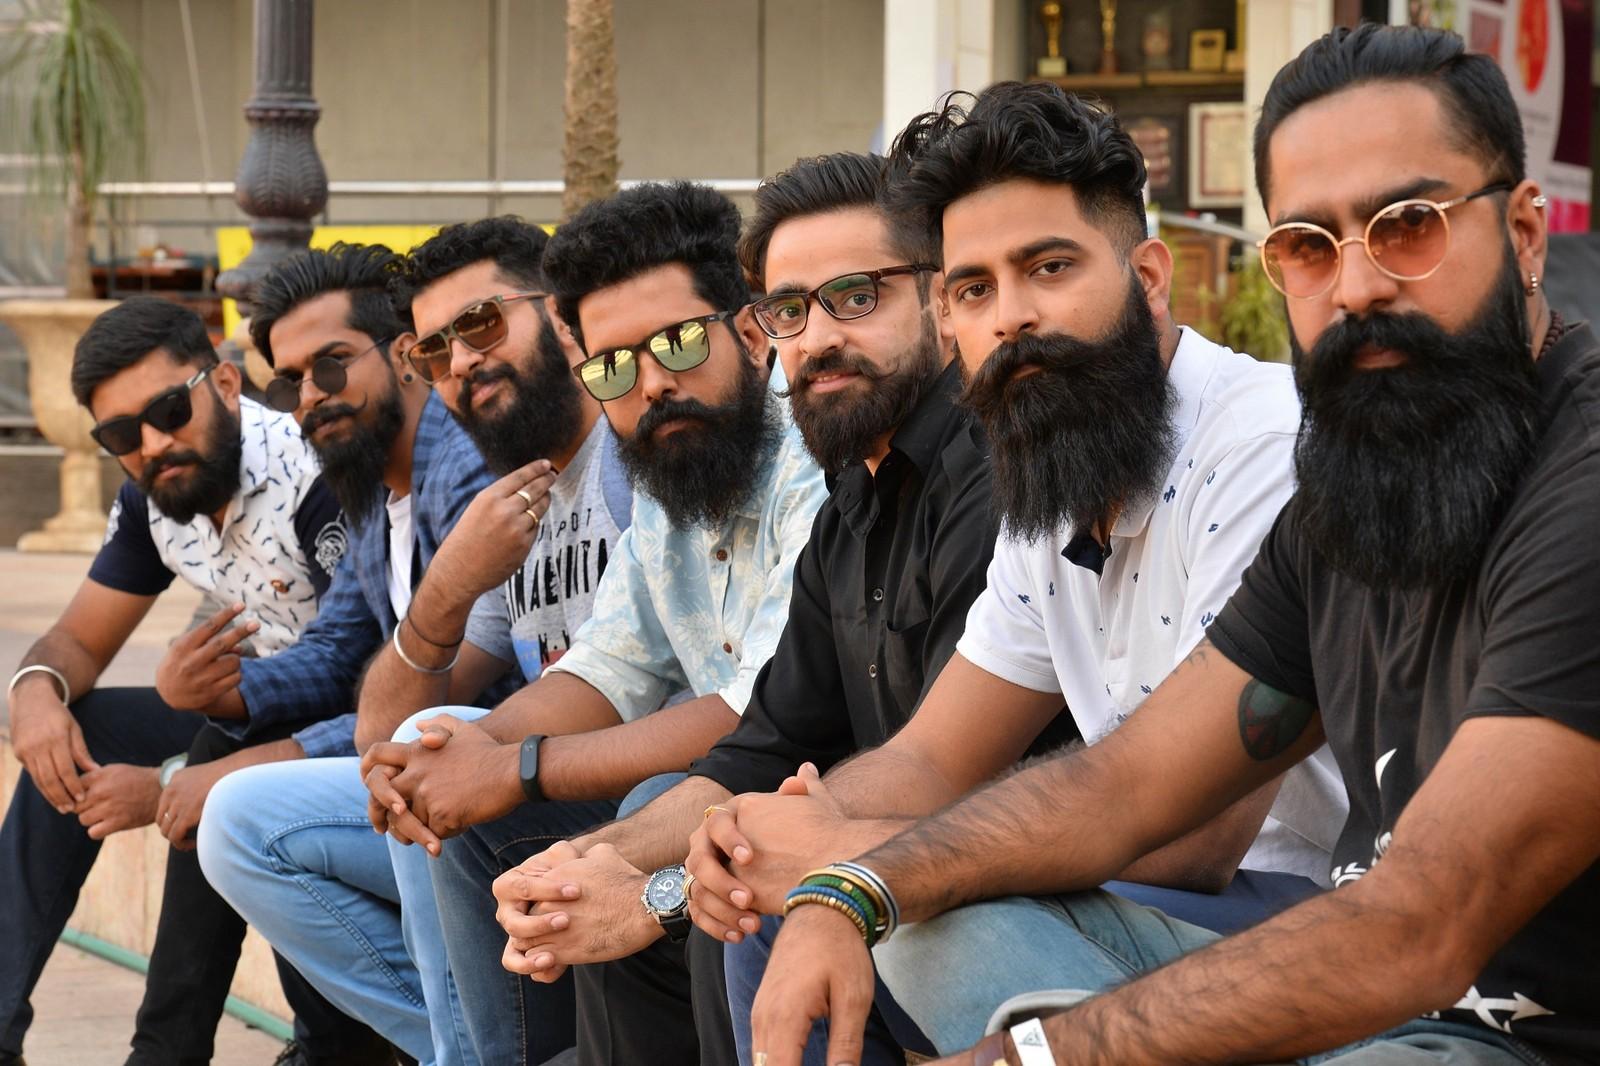 Skjegg- og bartekonkurranse i Bangalore i India.